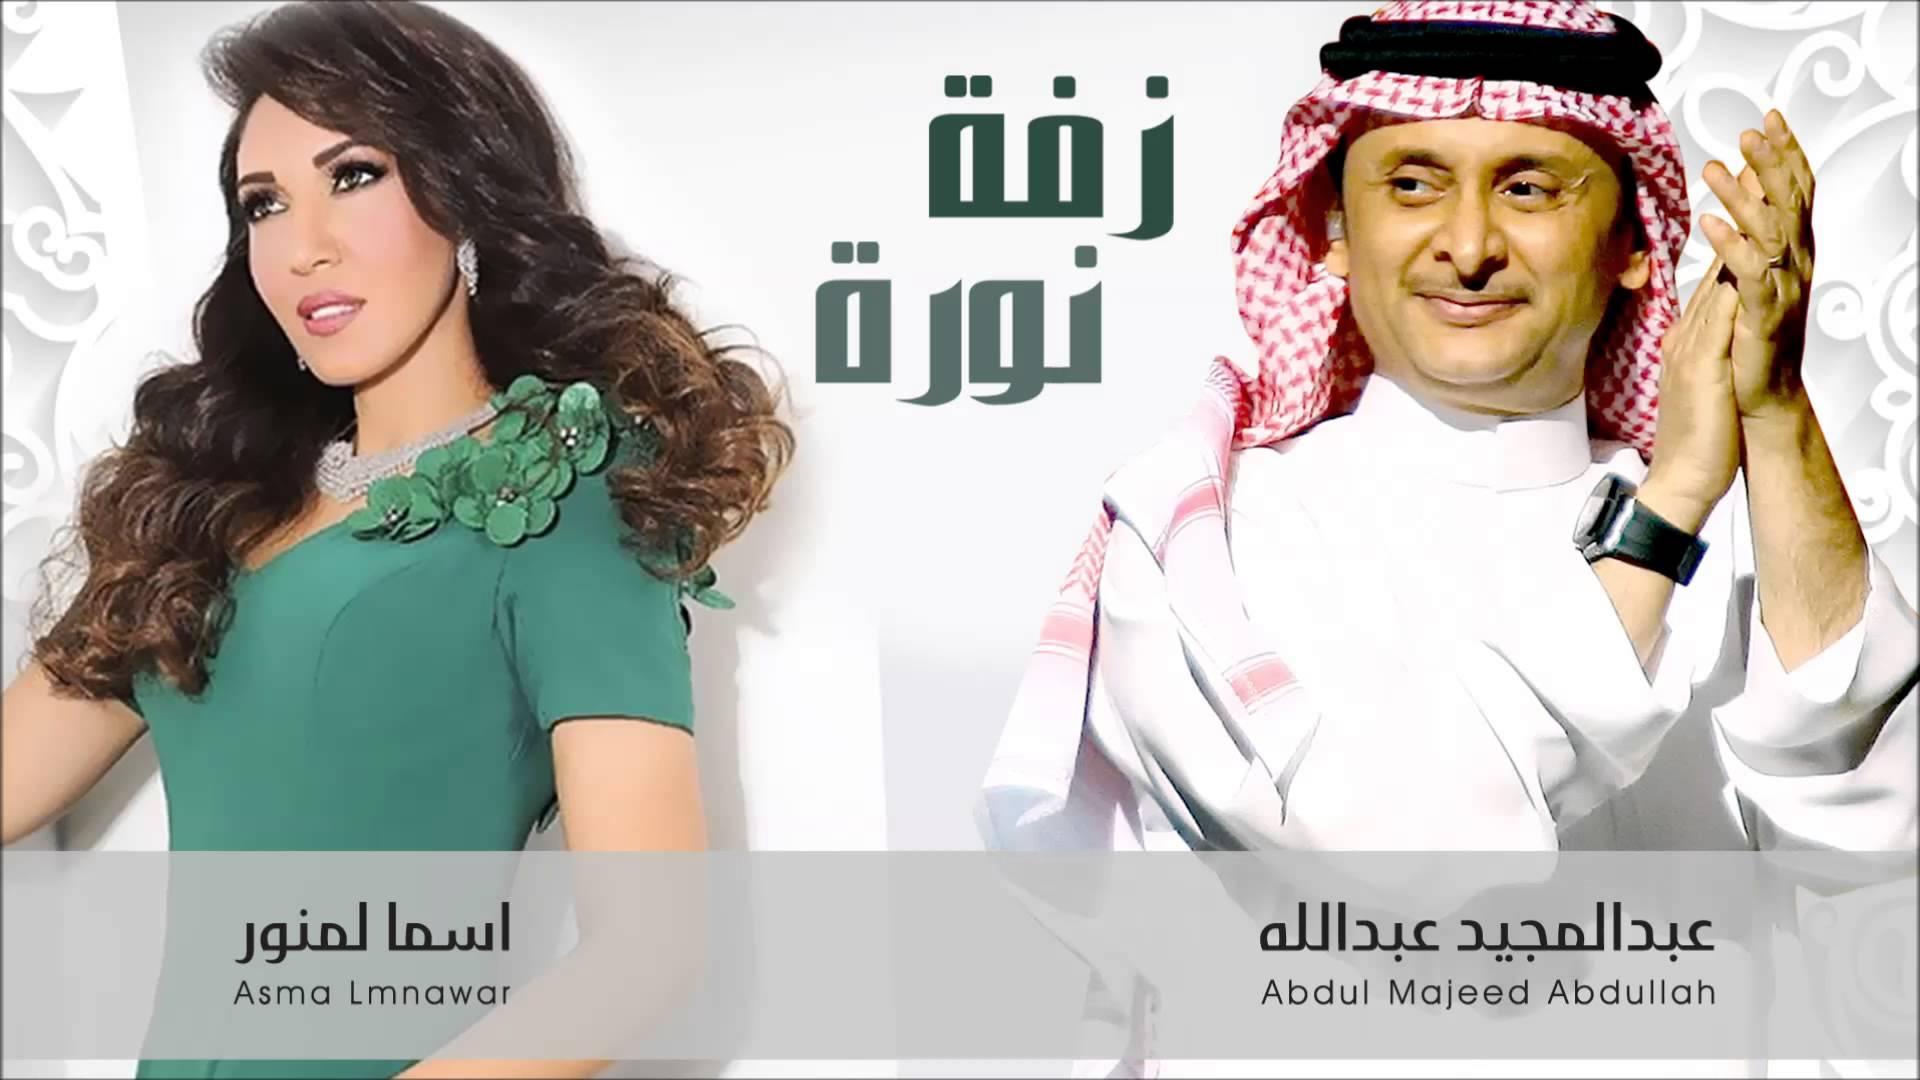 لأول مرة أسماء لمنور و عبد المجيد عبد الله